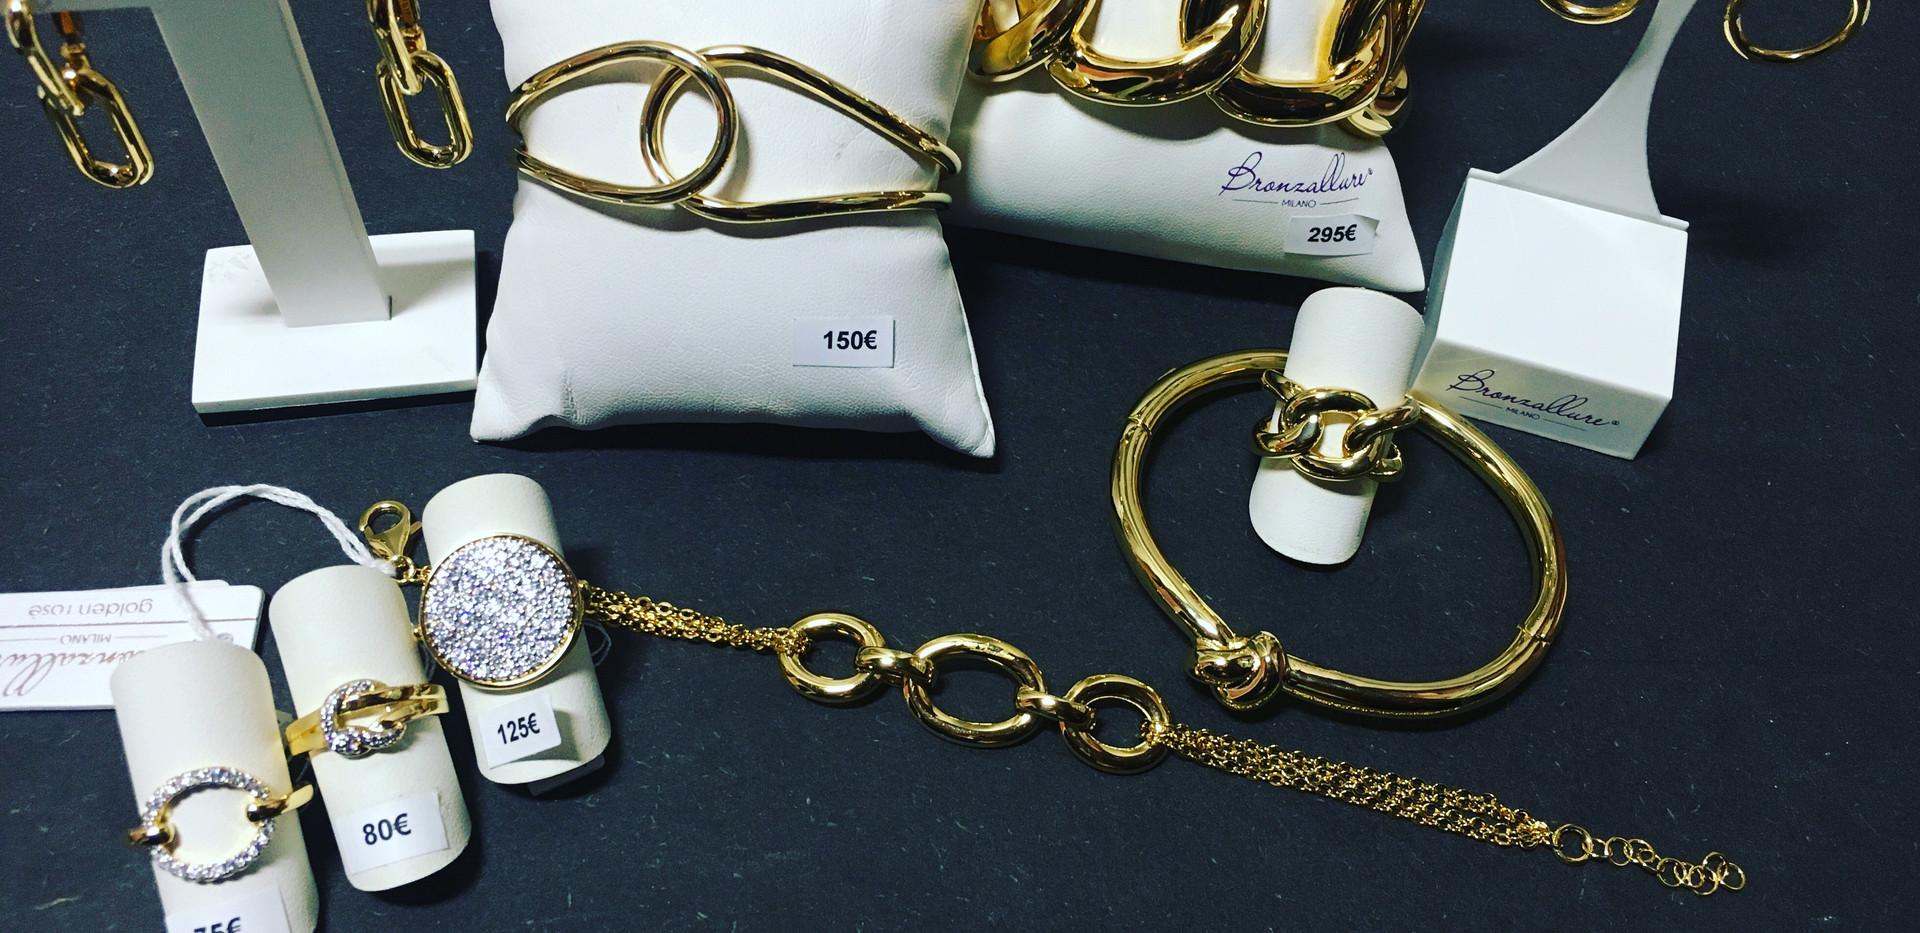 Séléction plaqué or jaune, toujours sur bronze, jolie collection volume. Bracelet Manchette boucle oreille, collier assortis.